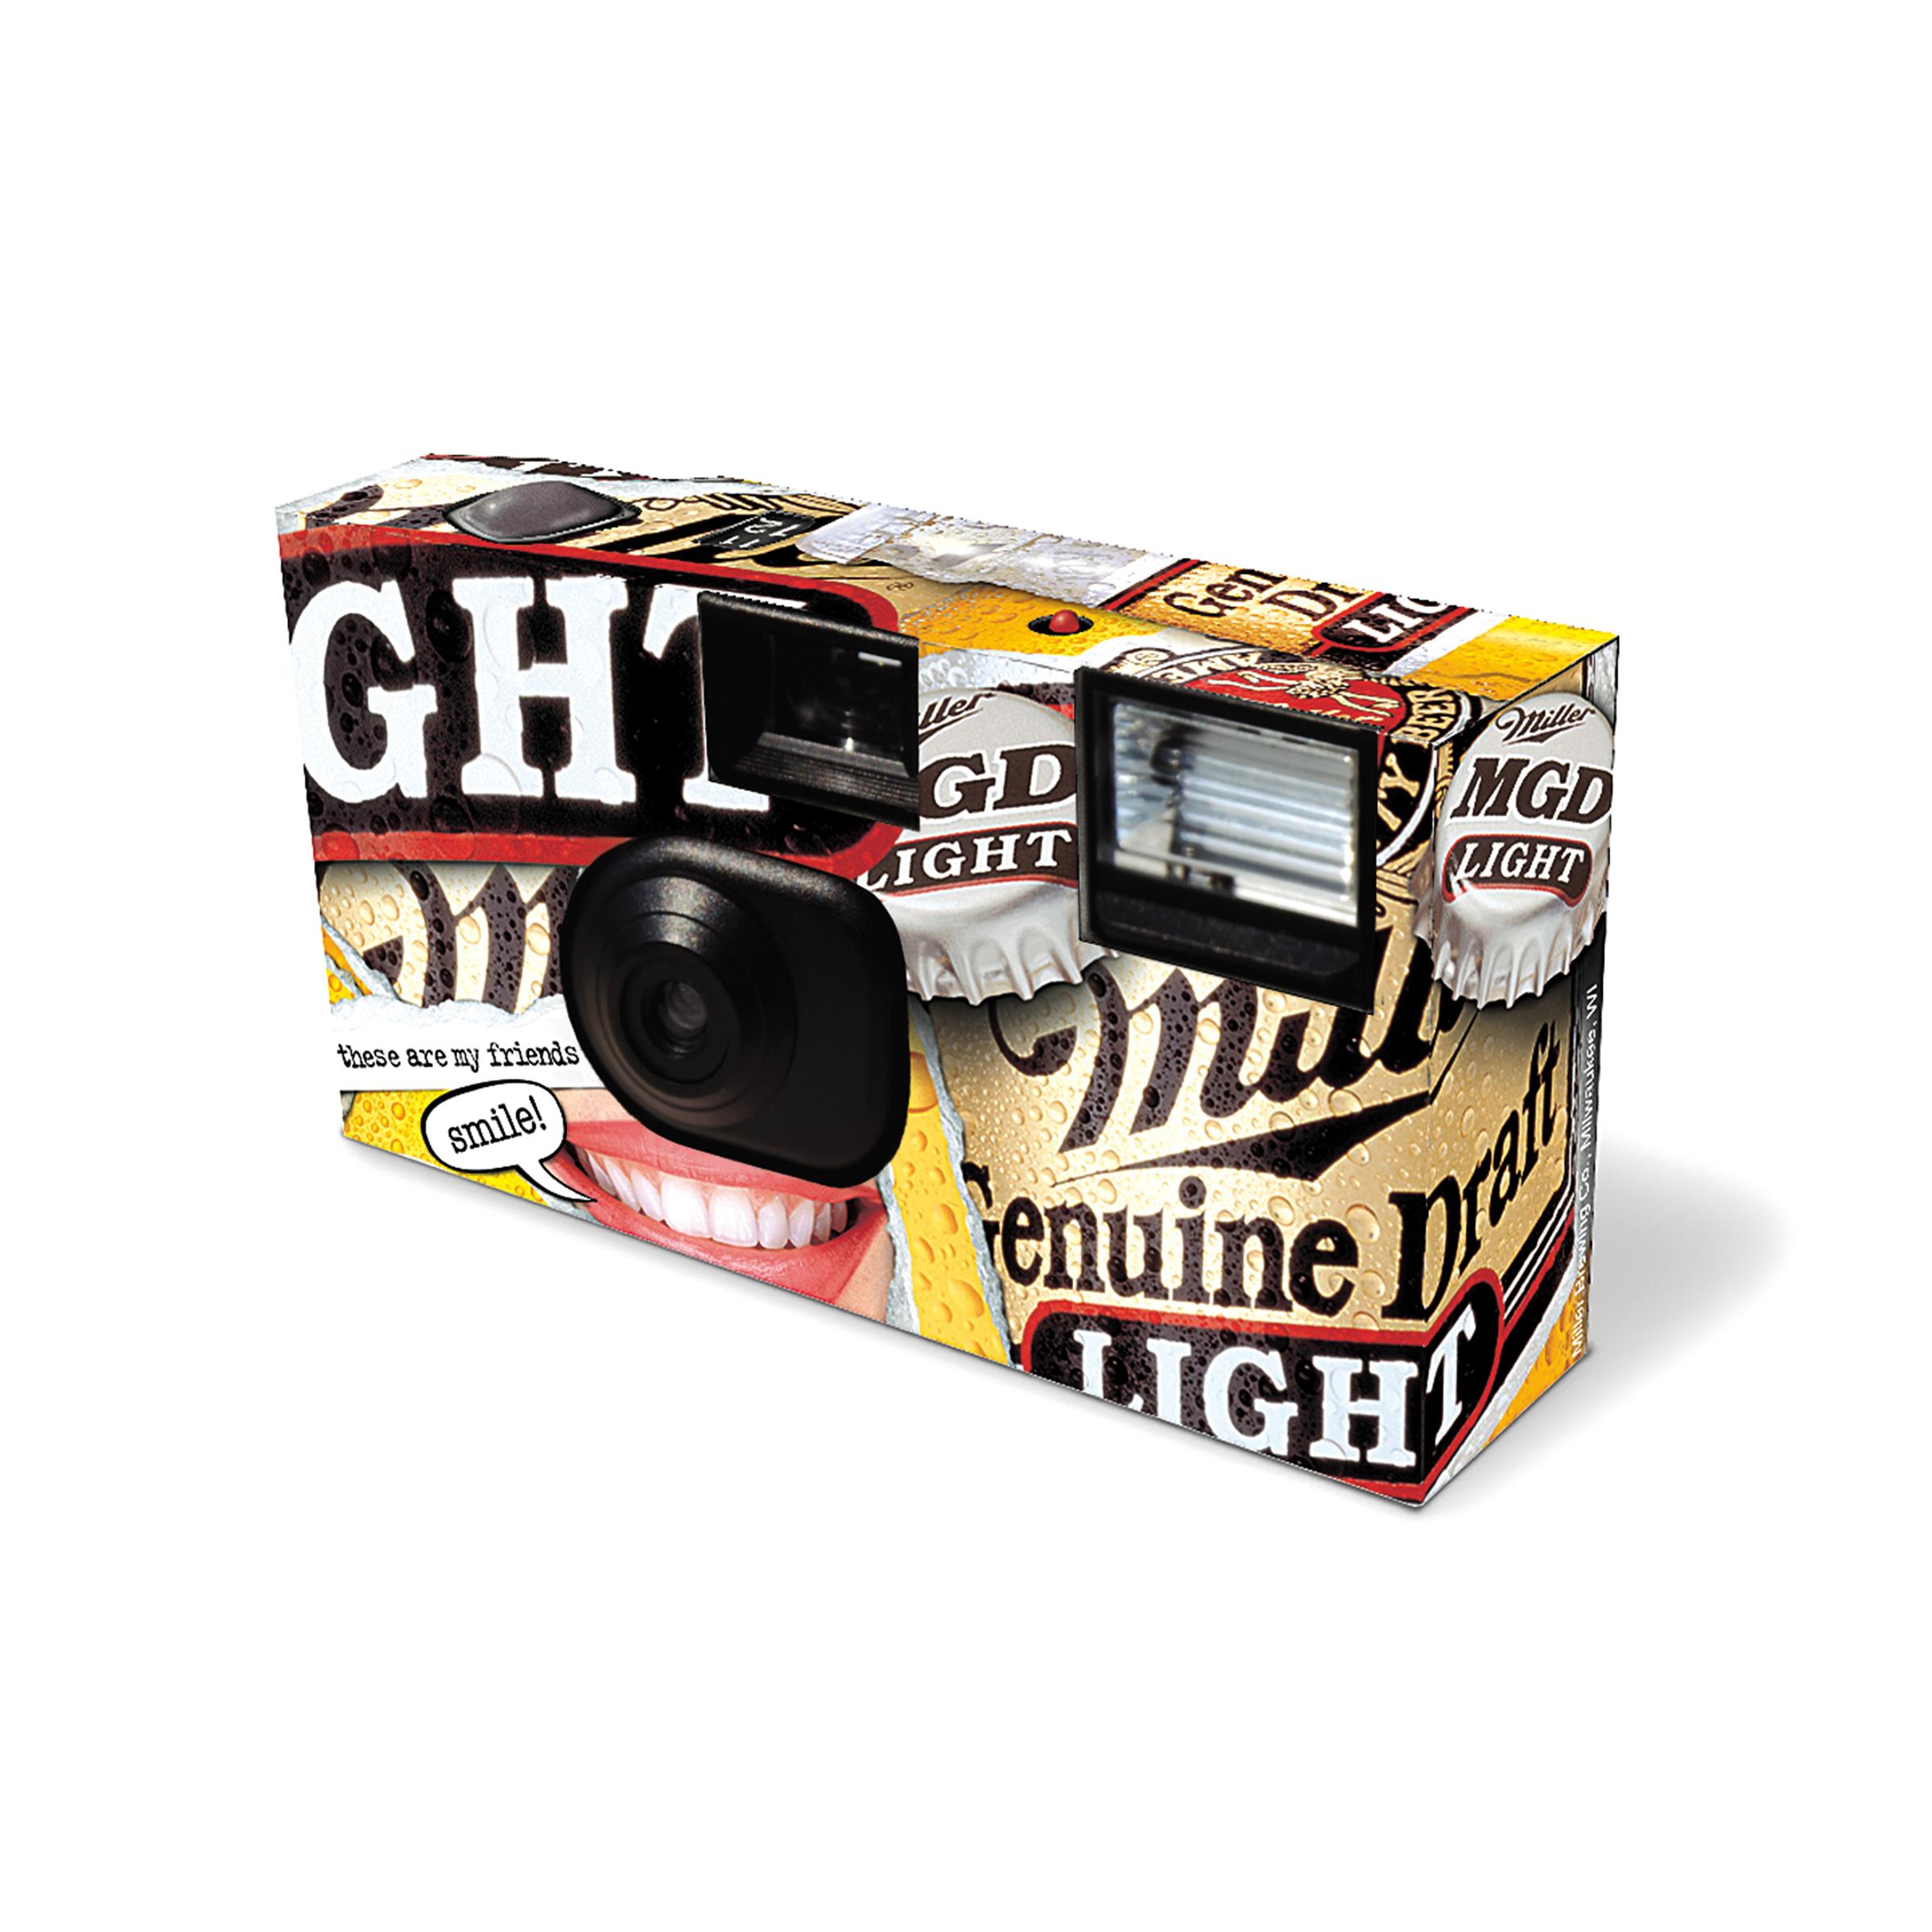 MGD LT Camera.jpg